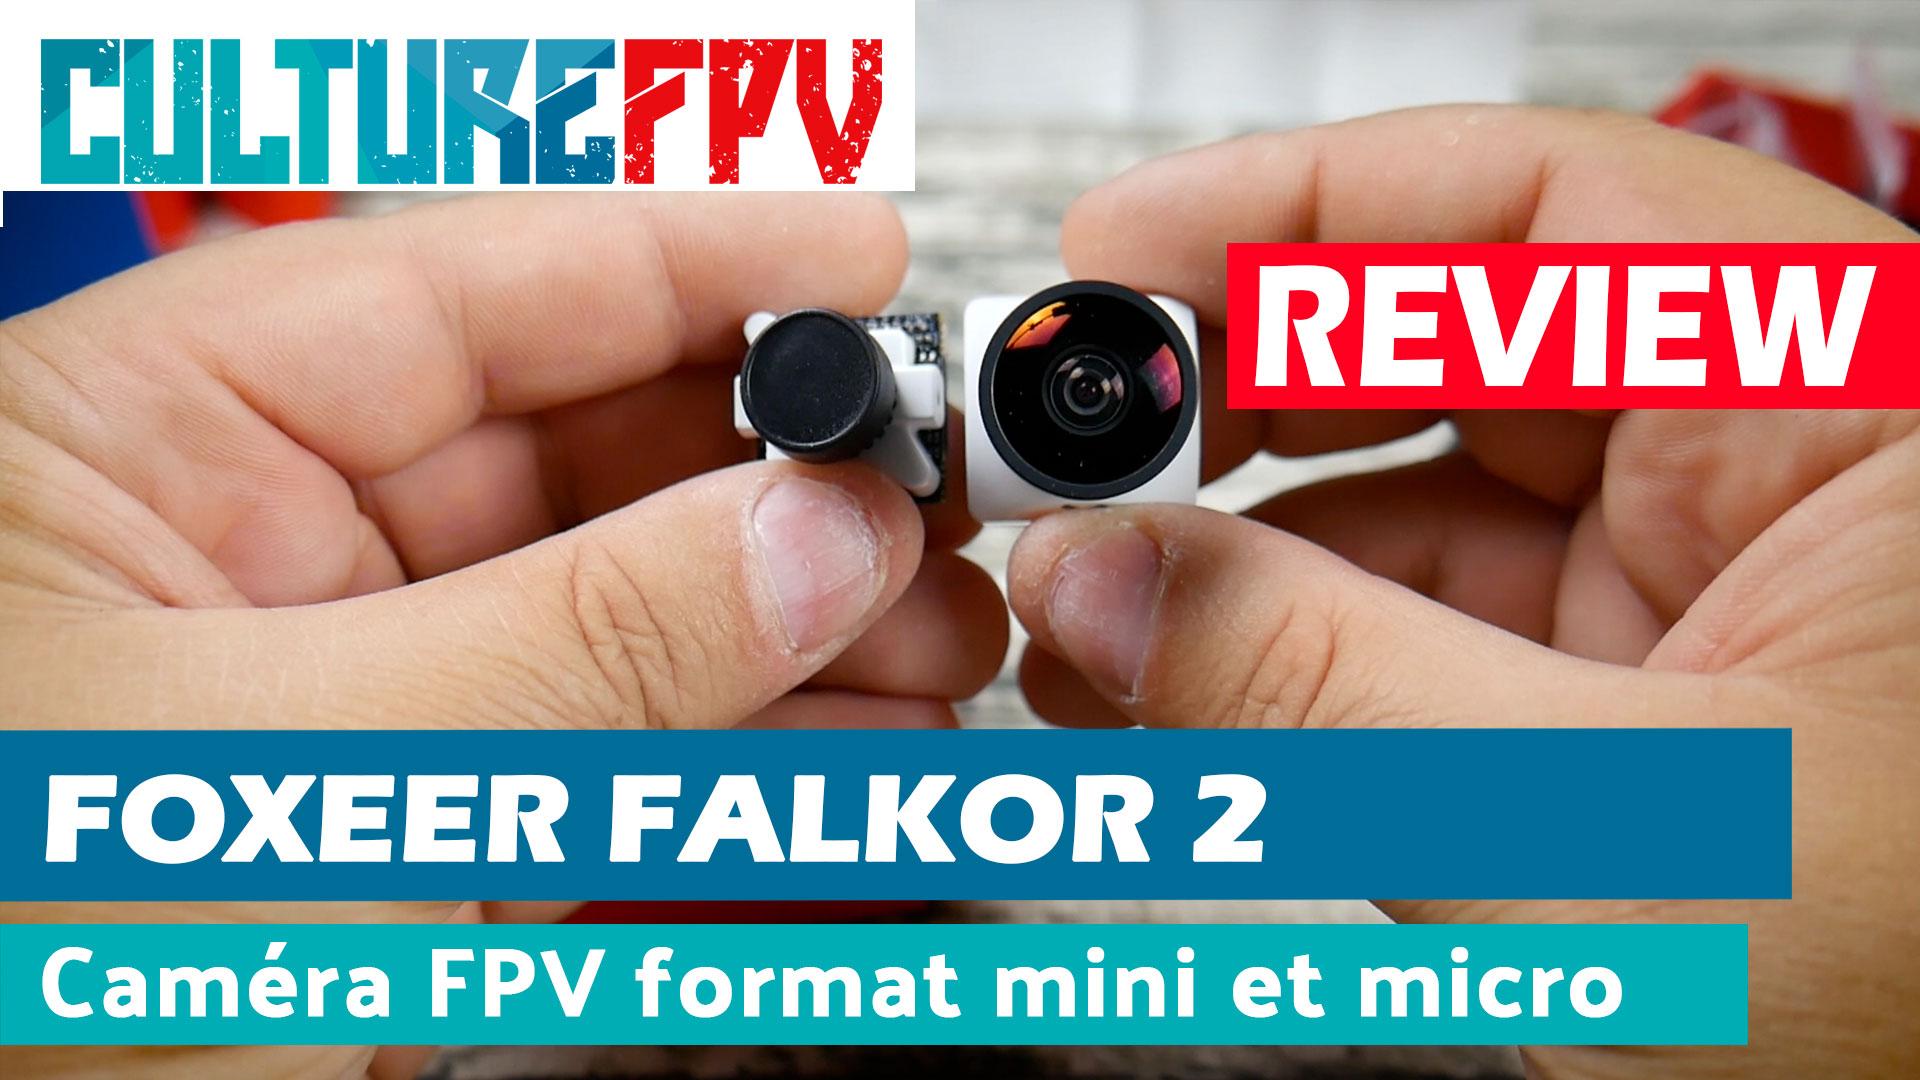 foxeer Falkor 2